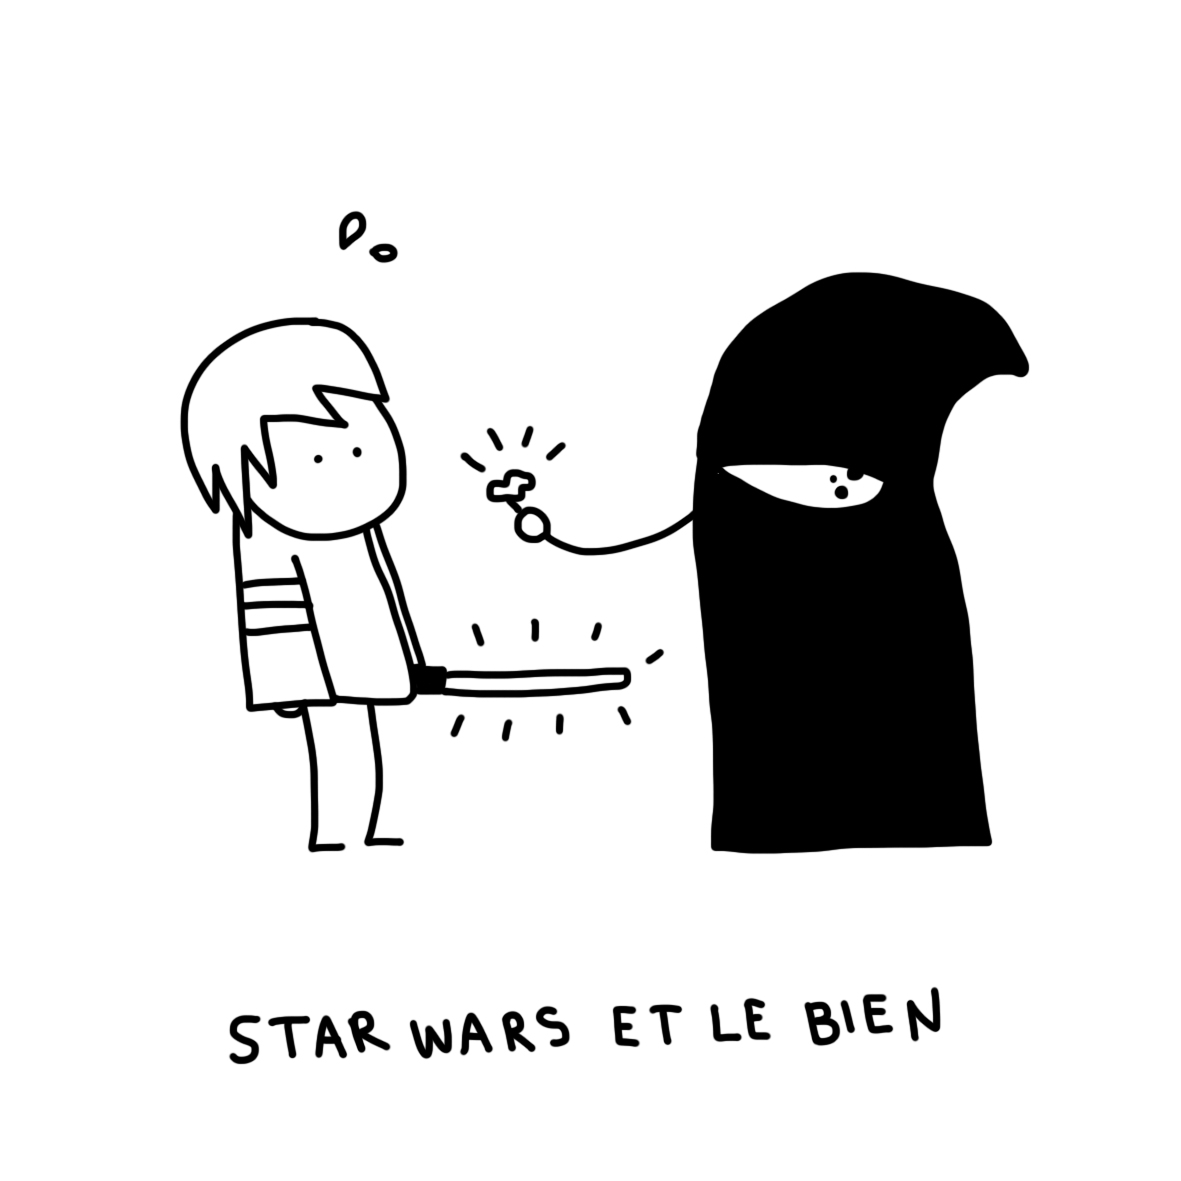 36-Star wars et le bien.jpg